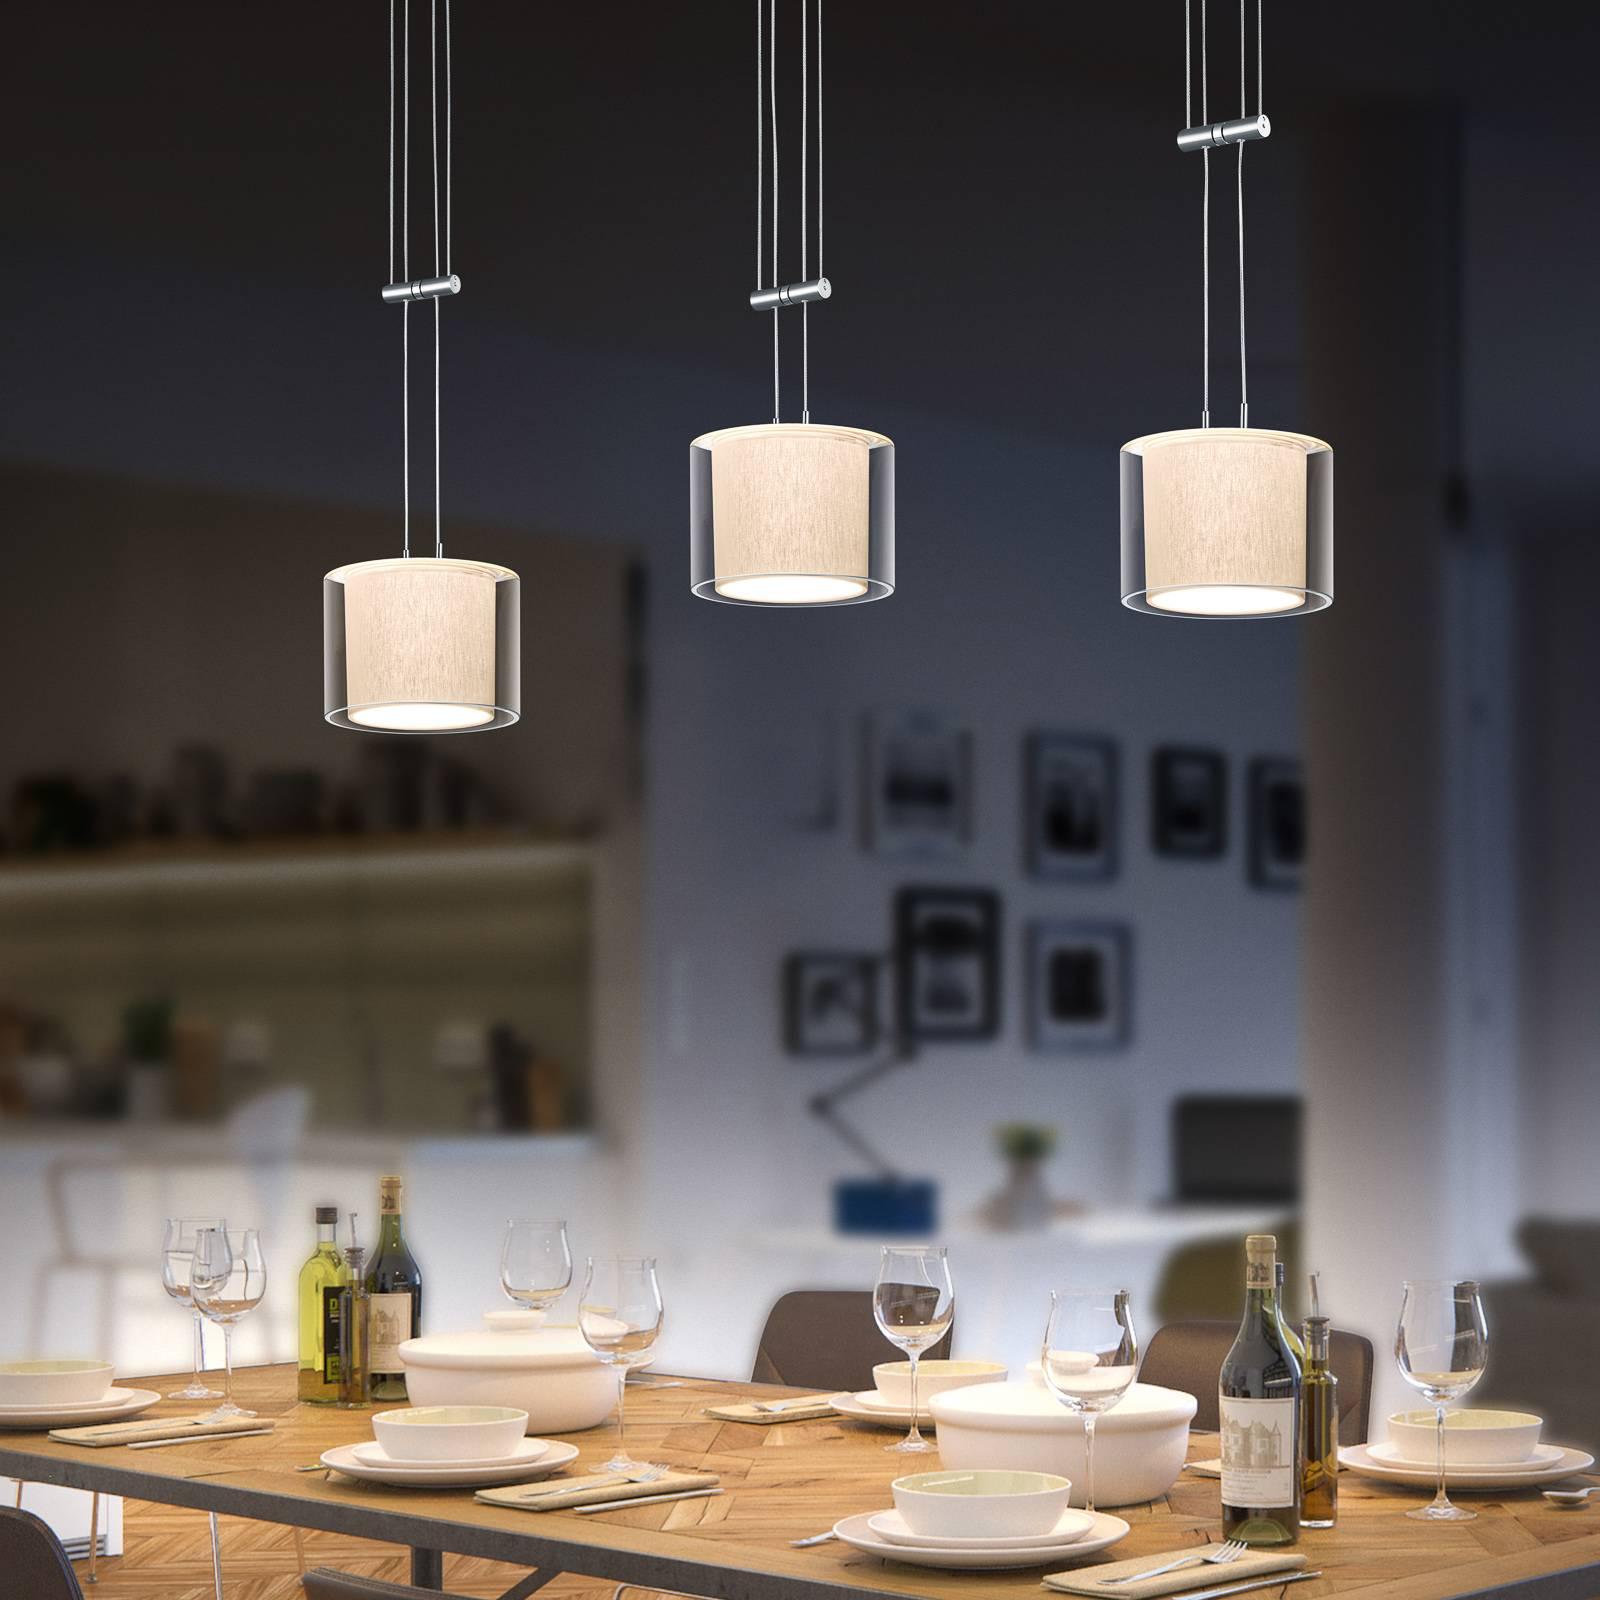 BANKAMP Cecil LED-riippuvalaisin, kolmilamppuinen